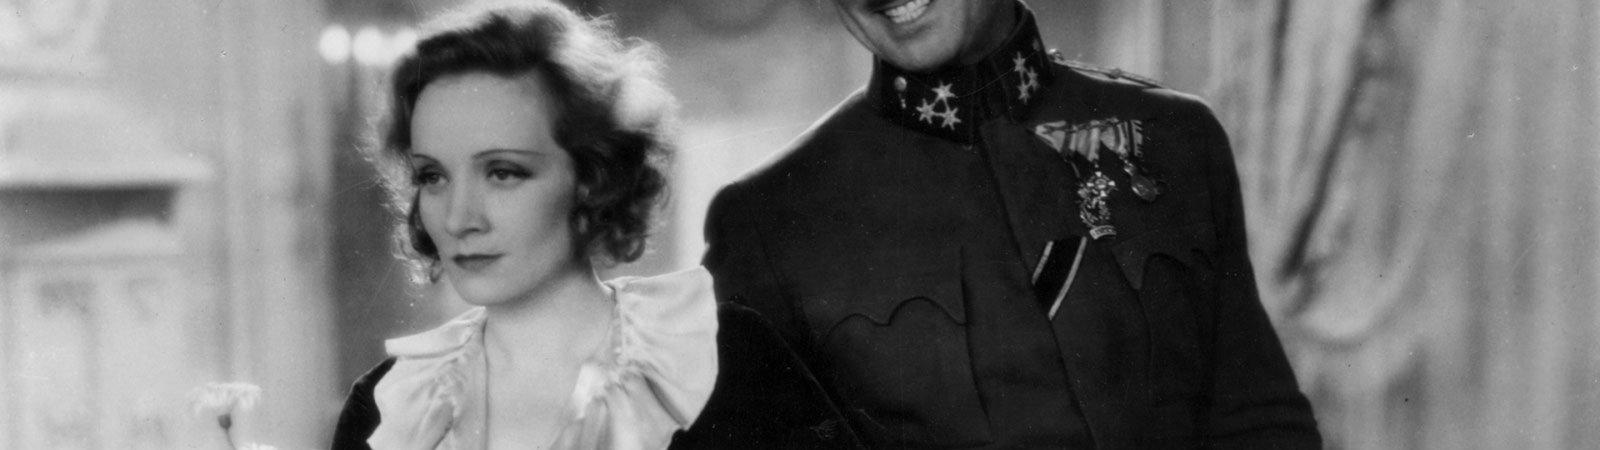 Photo dernier film Gustav Von Seyffertitz